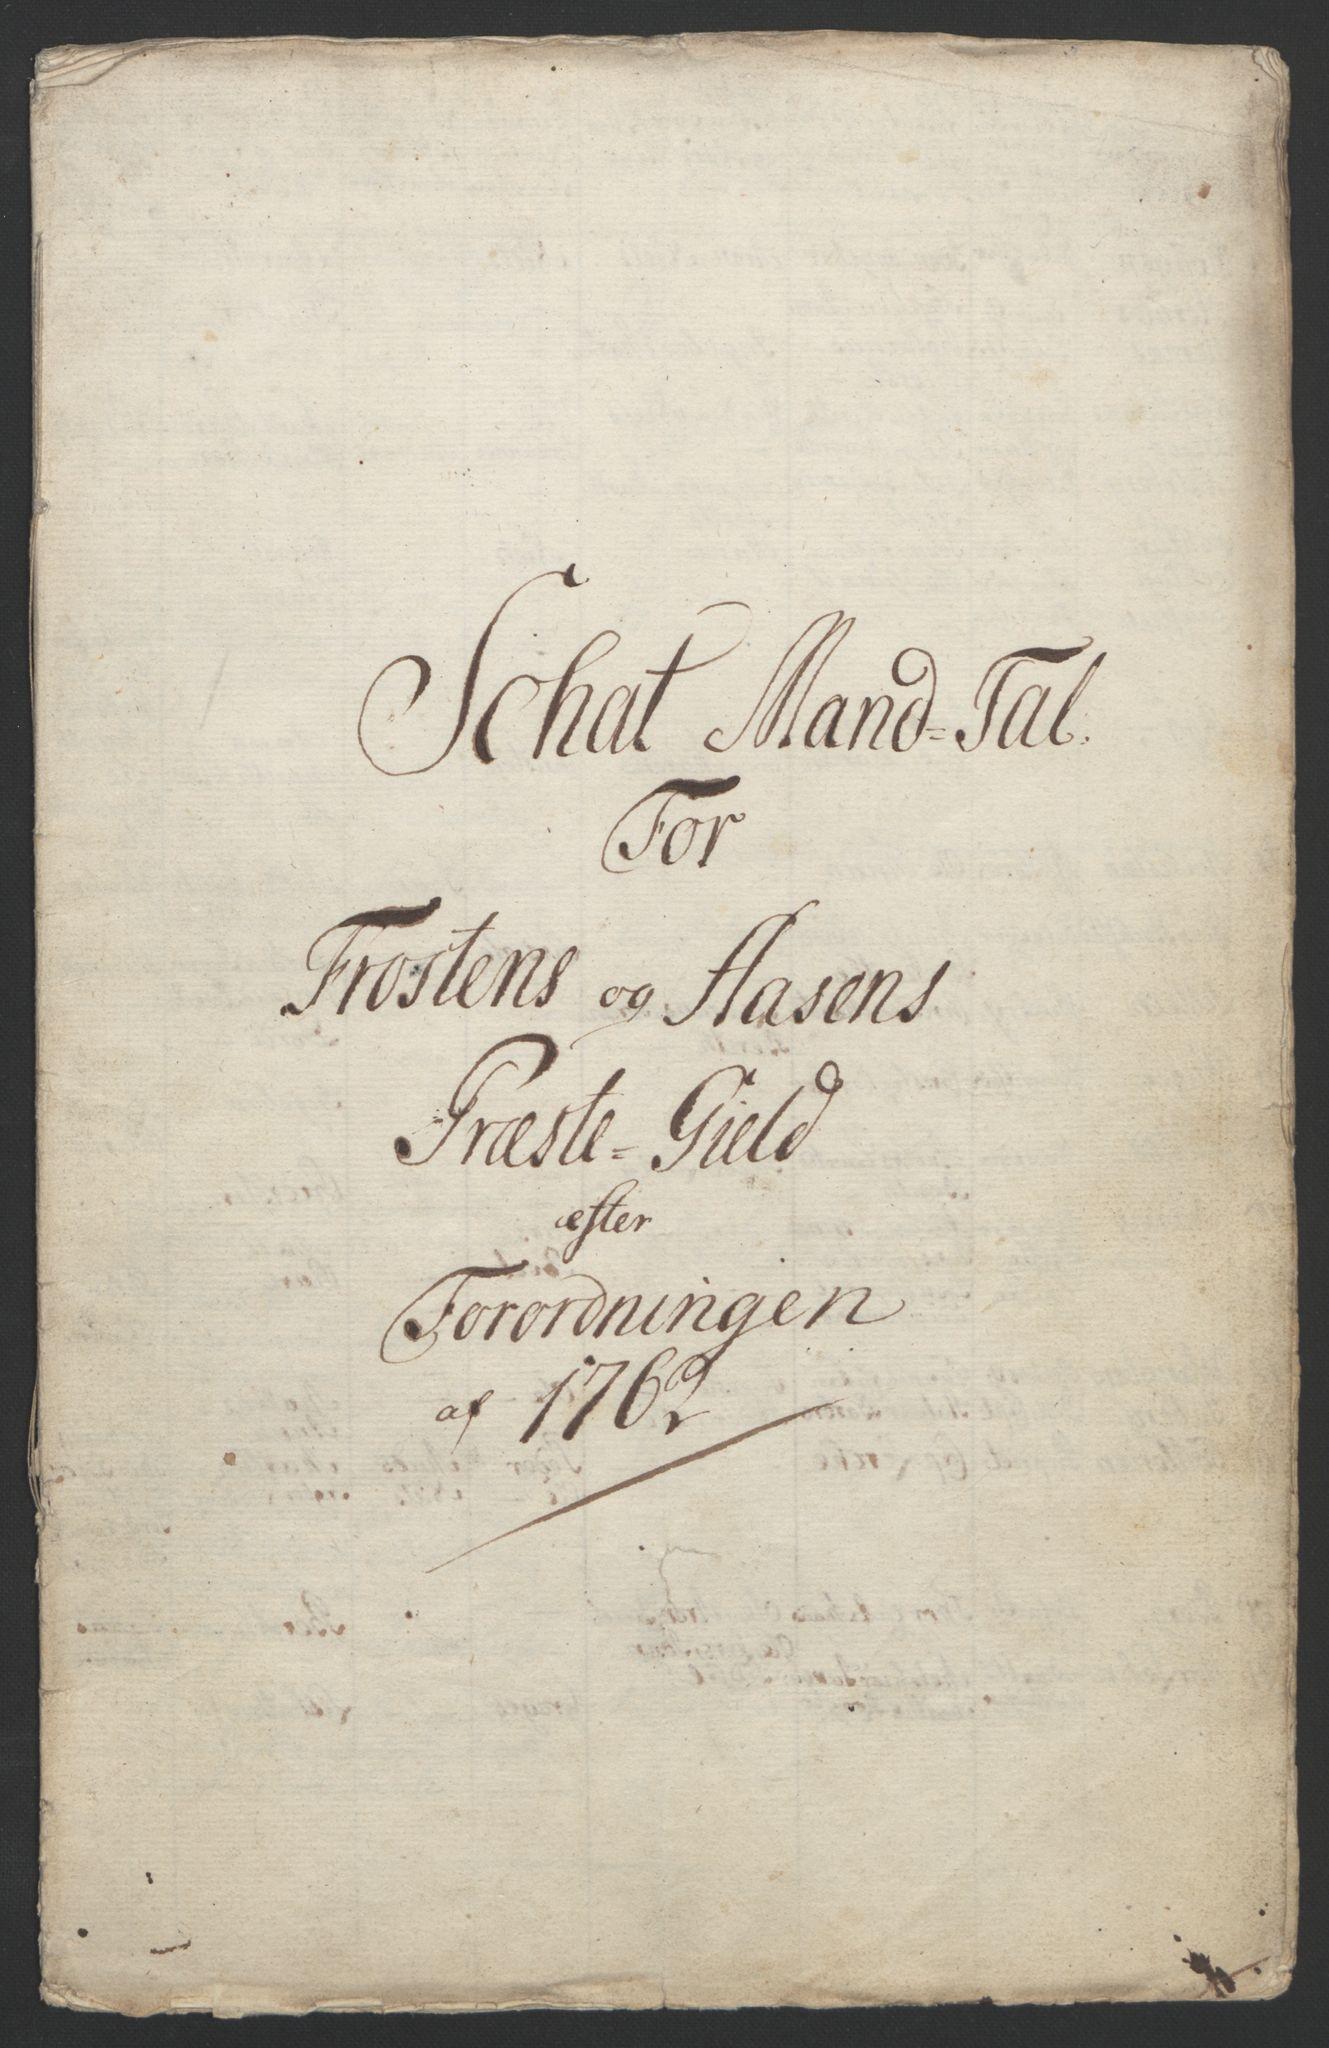 RA, Rentekammeret inntil 1814, Reviderte regnskaper, Fogderegnskap, R62/L4303: Ekstraskatten Stjørdal og Verdal, 1762-1763, s. 180